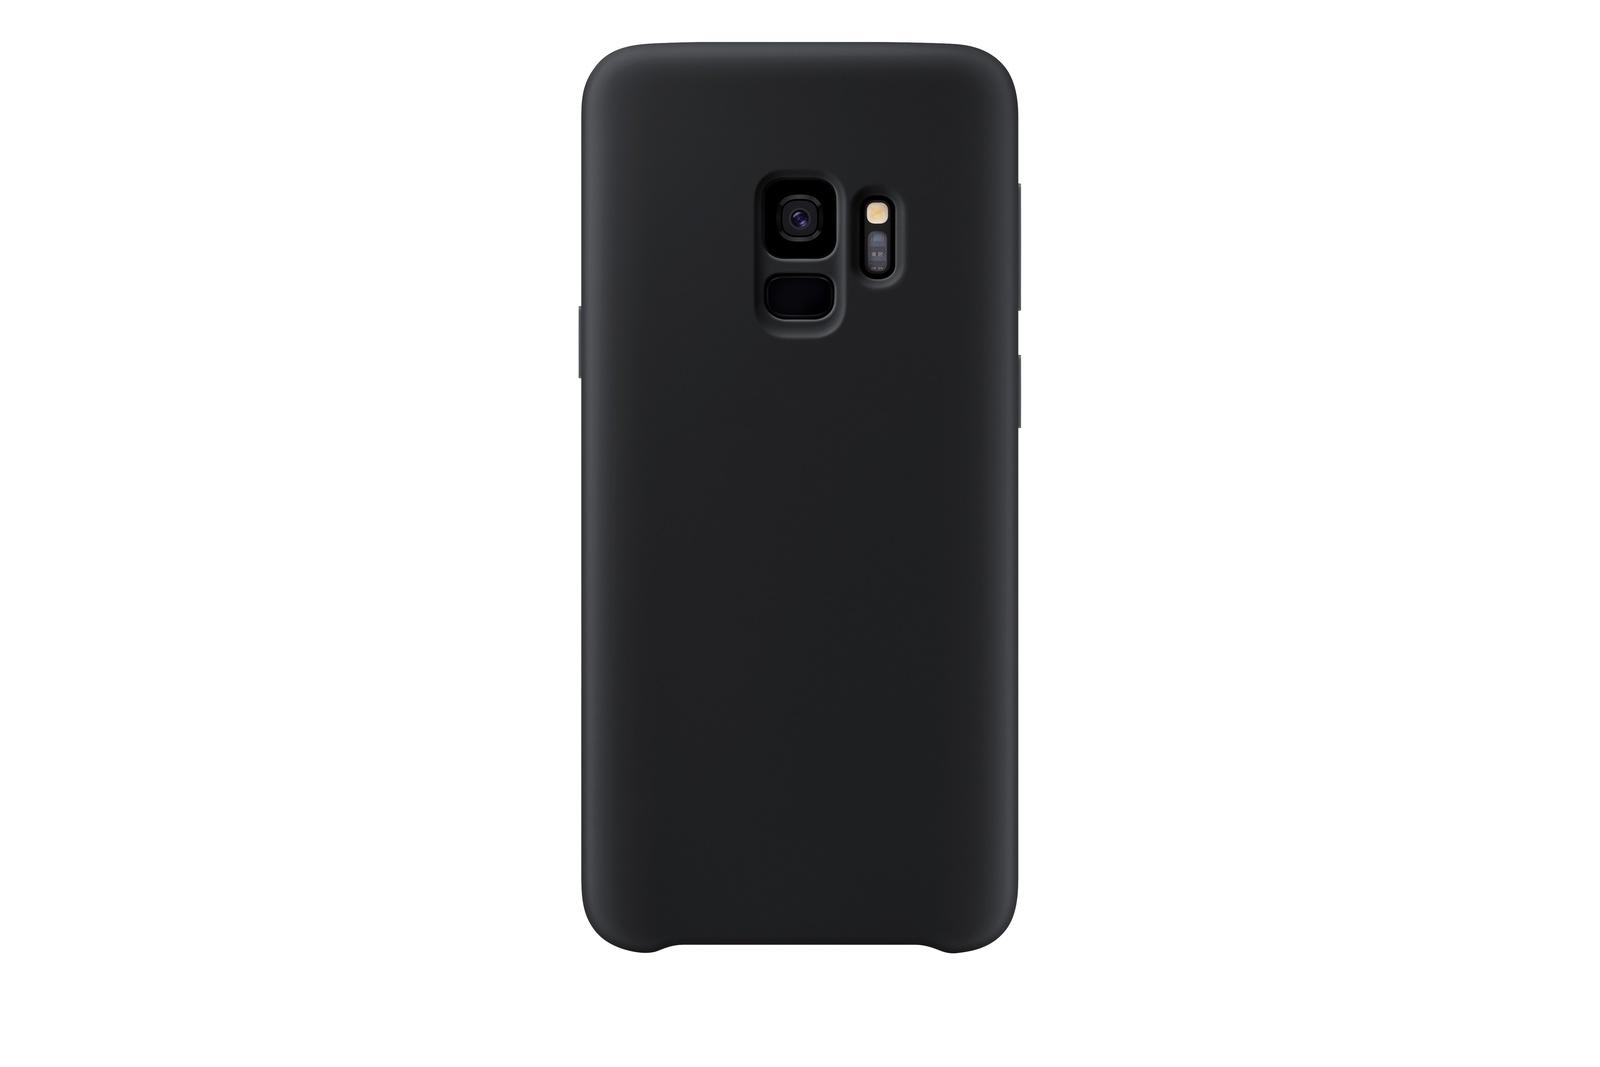 Чехол для сотового телефона Gurdini Чехол накладка силикон высокотехнологичный для Samsung Galaxy S9 Plus , 905908, черный